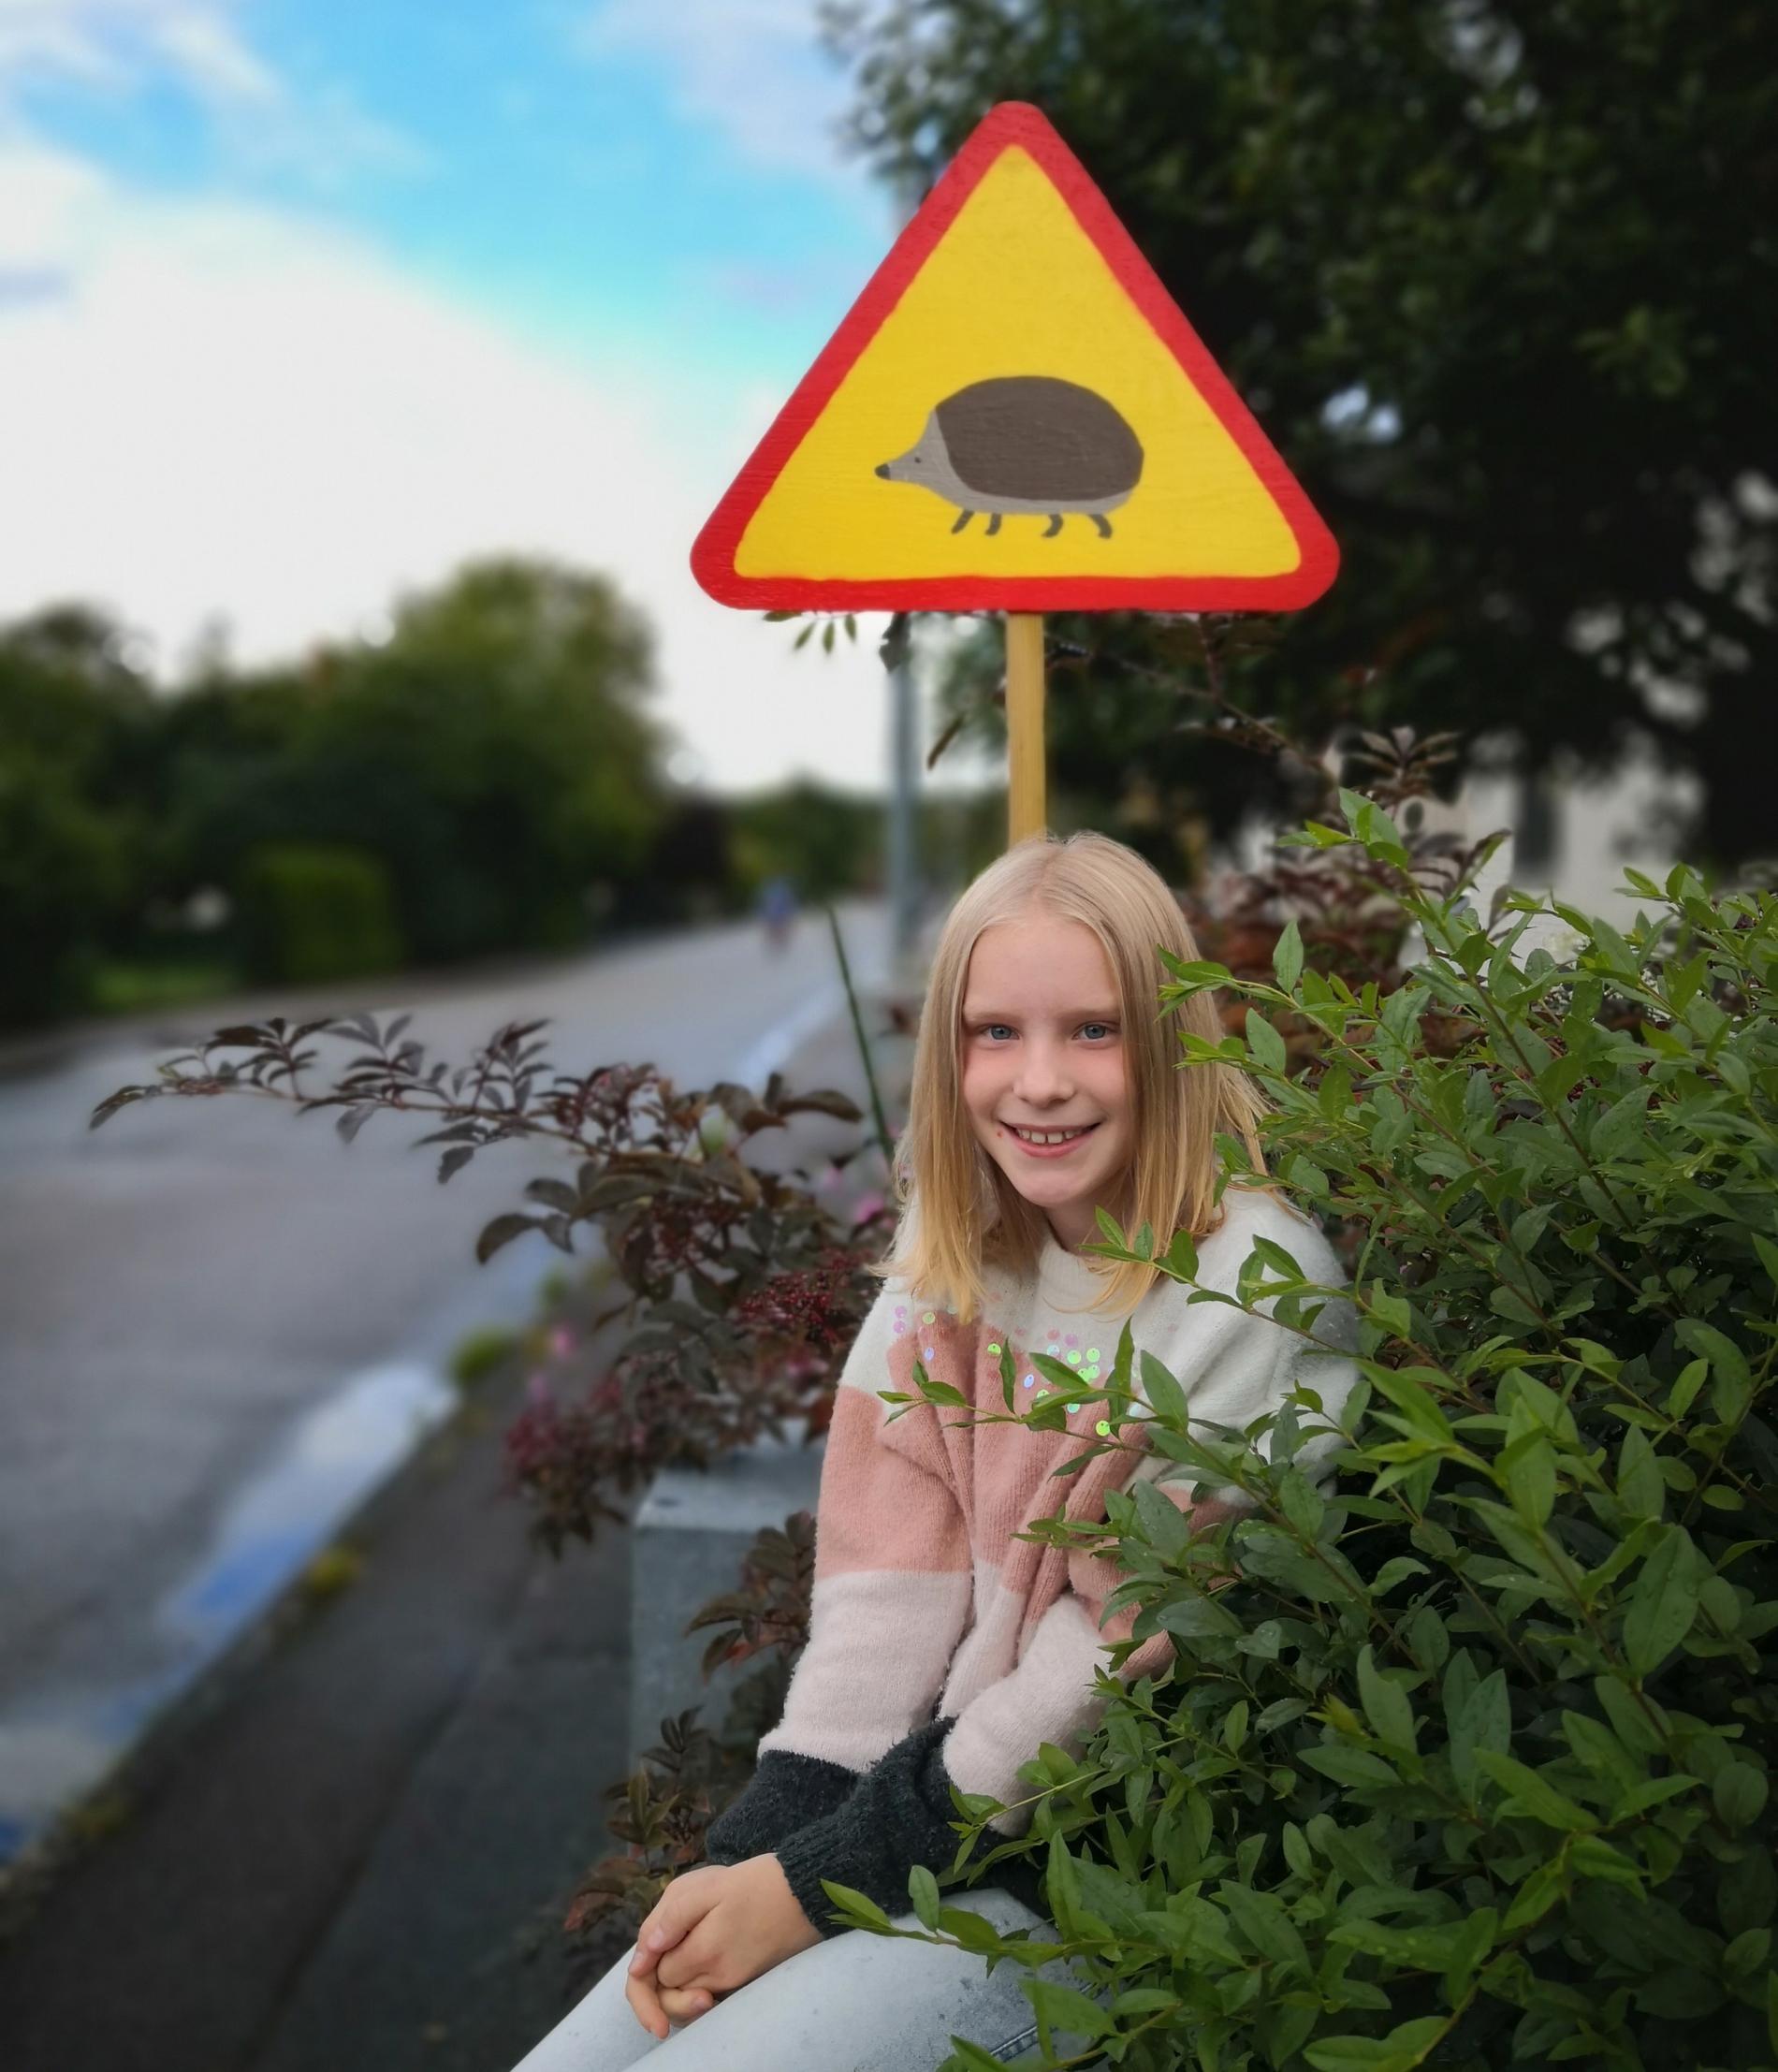 Nu kan igelkottarna i området på ett säkrare sätt ta sig över gatan.